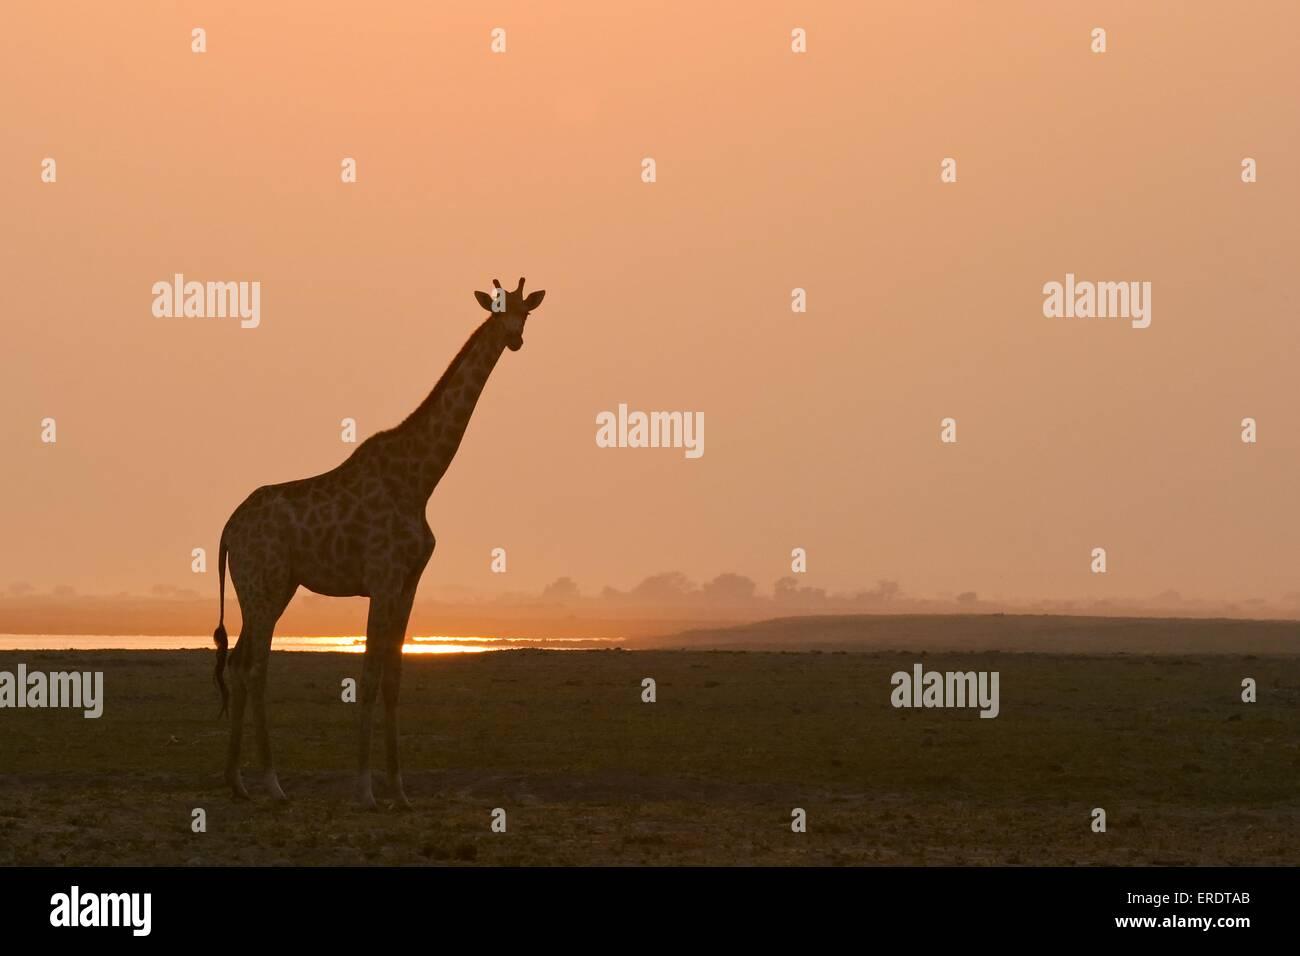 standing giraffe - Stock Image